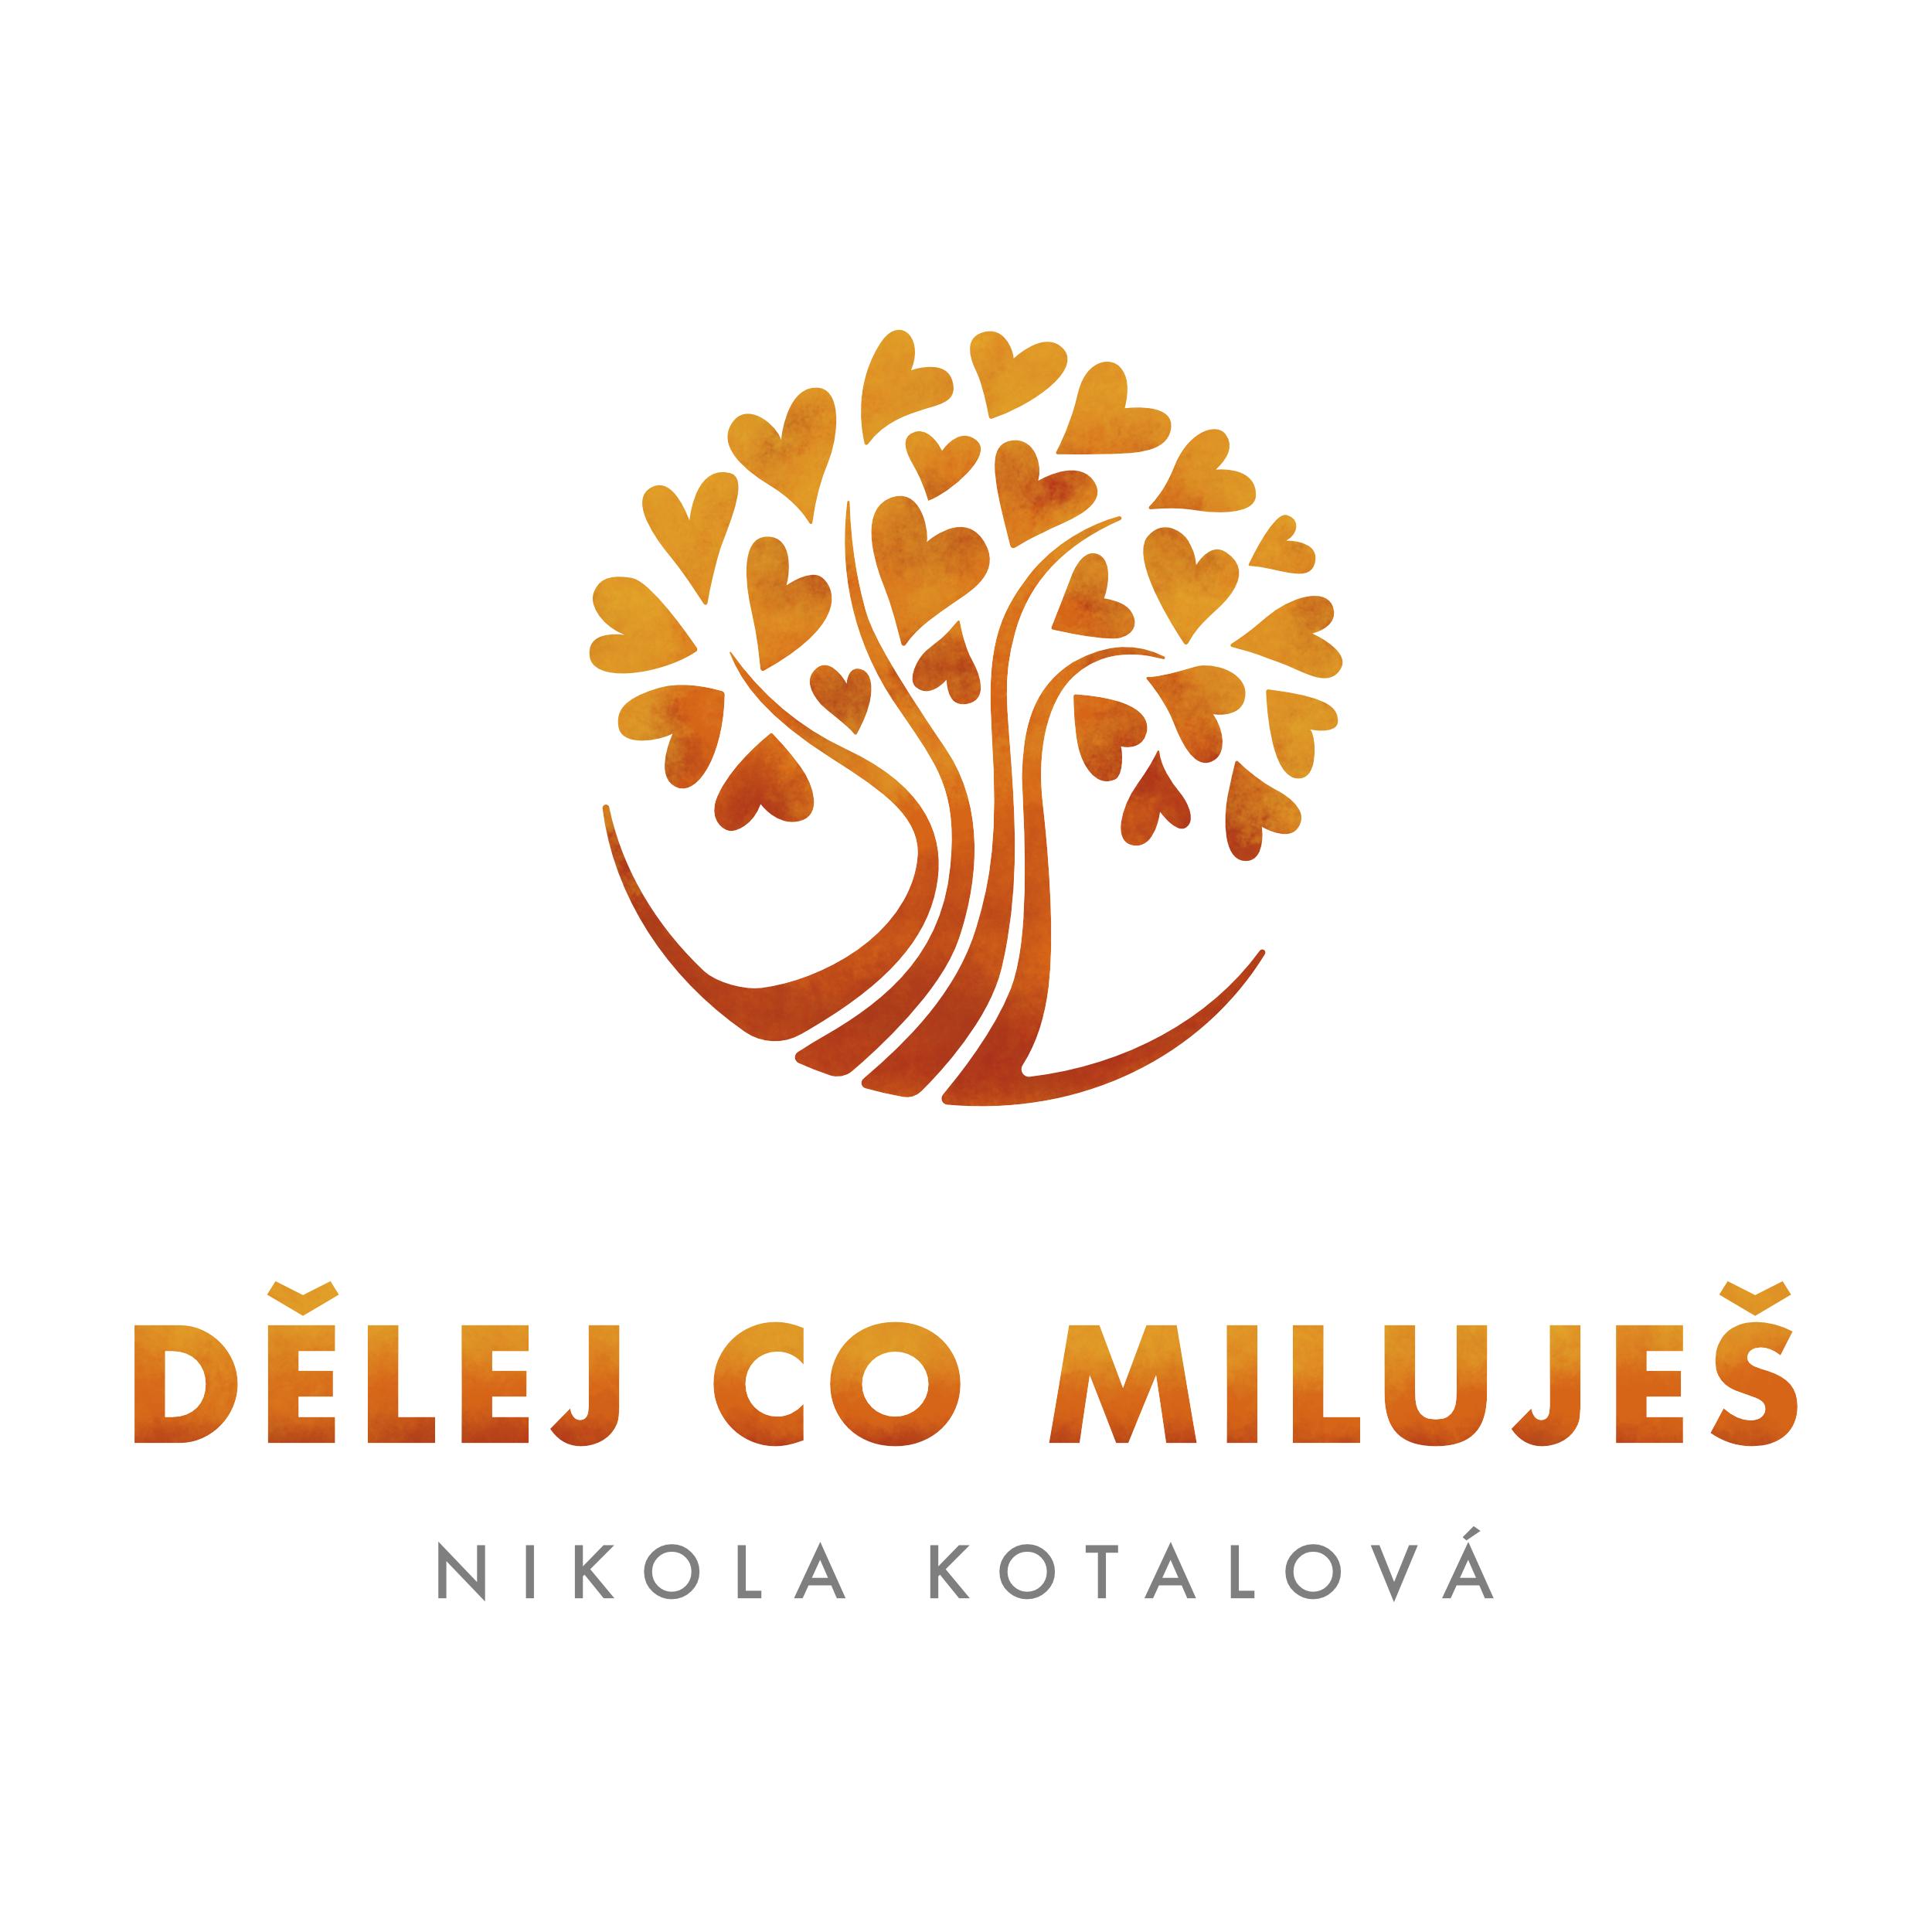 Nikola Kotalová - Dělej co miluješ